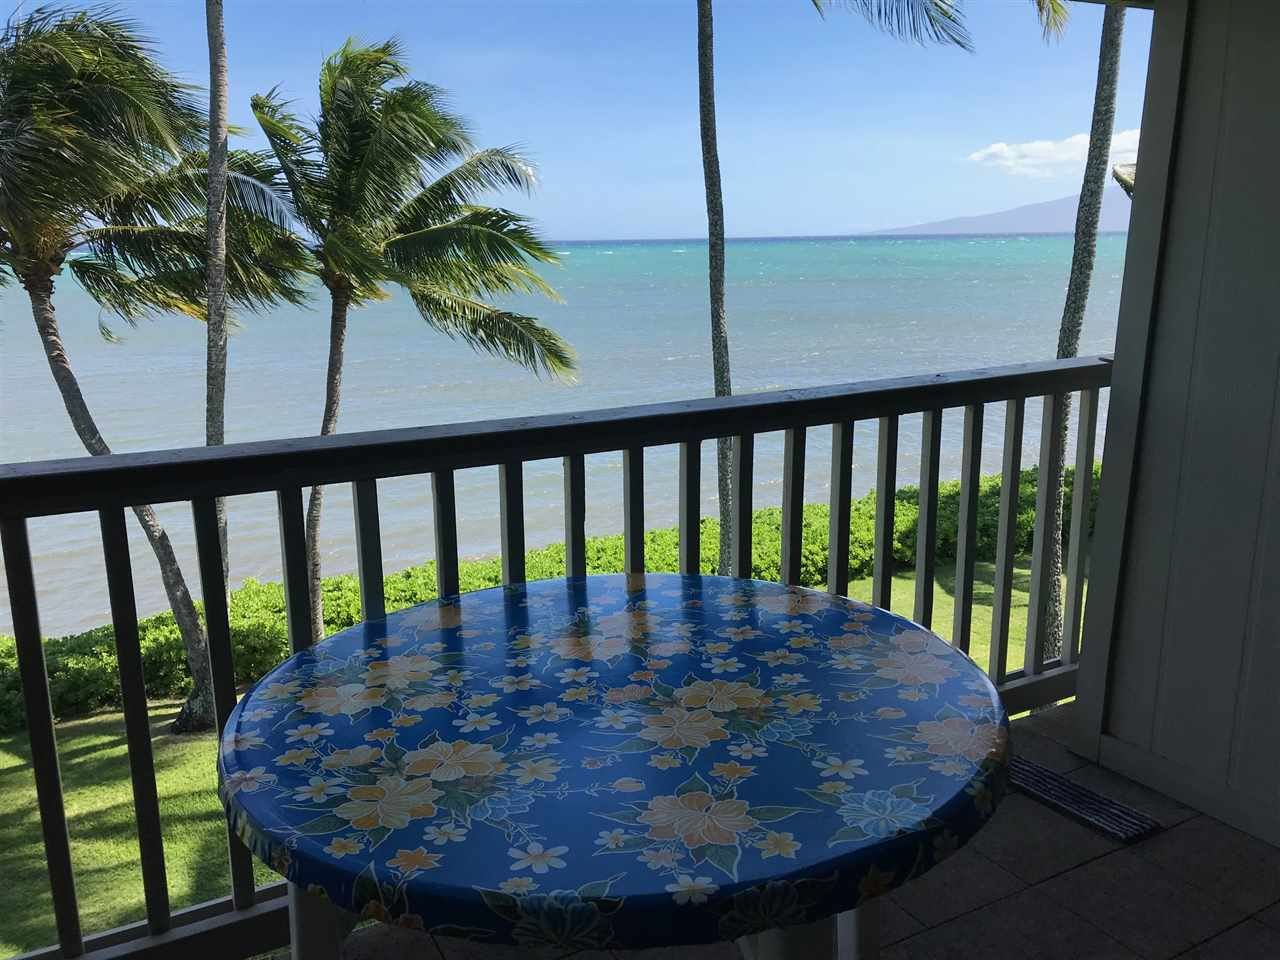 Photo of 7142 Kamehameha V Hwy #A303, Kaunakakai, HI 96748-0000 (MLS # 385616)